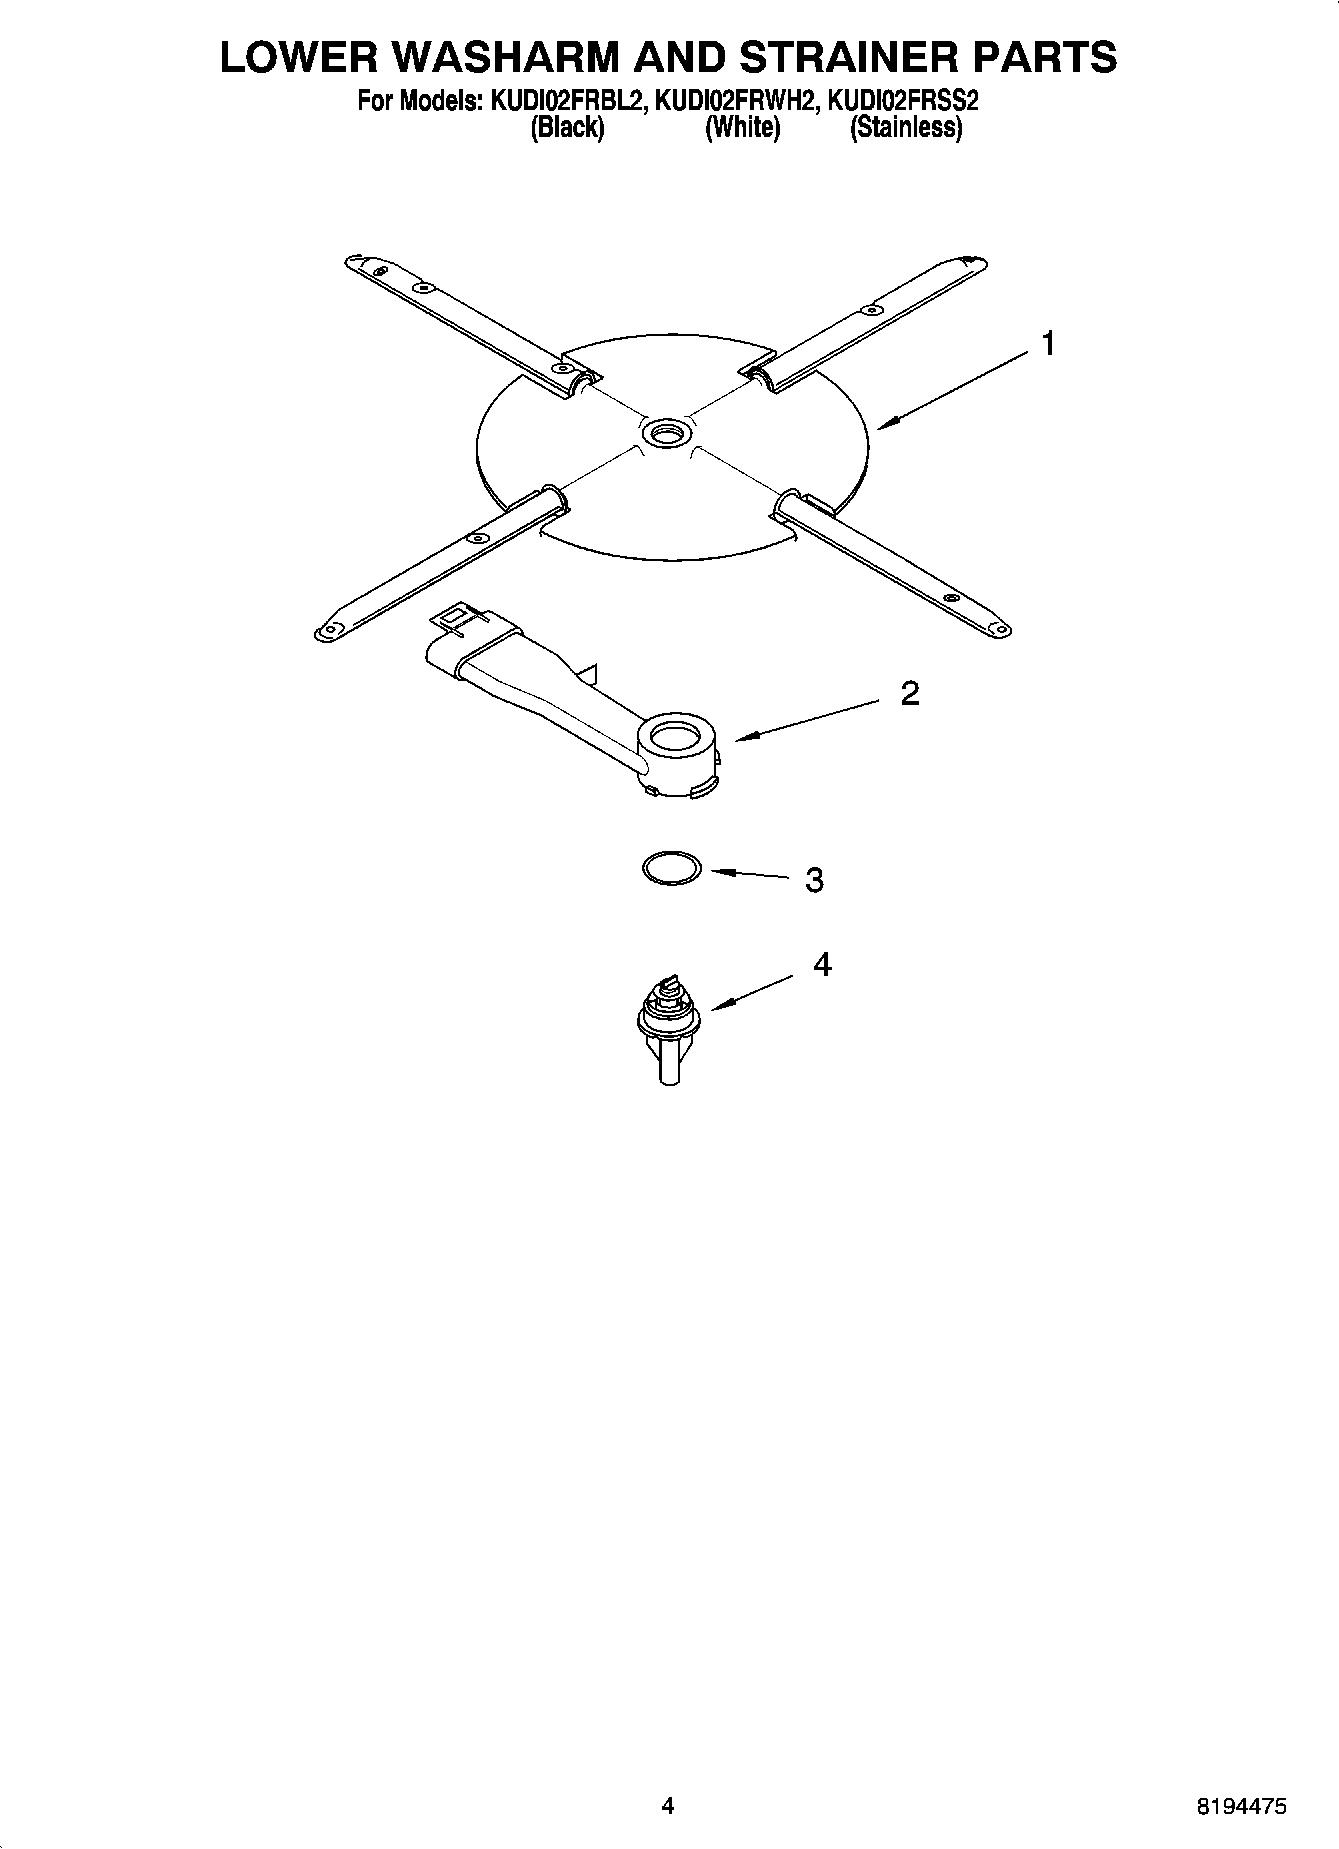 KUDI02FRSS2